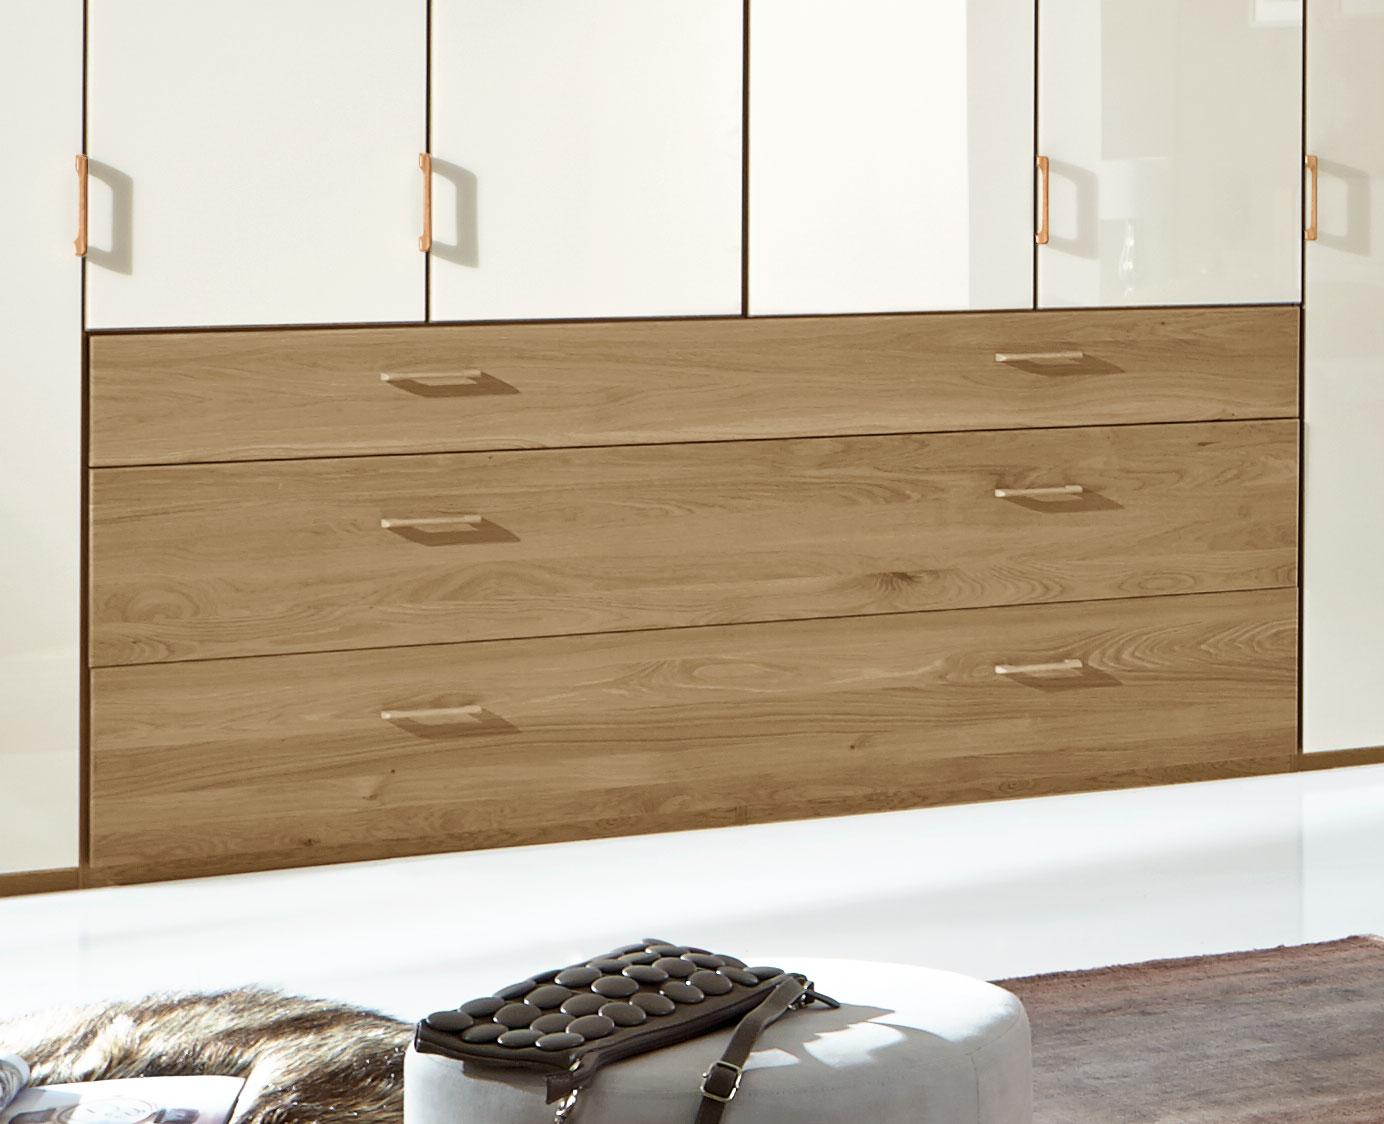 kleiner schrank mit schubladen excellent kleiner schrank. Black Bedroom Furniture Sets. Home Design Ideas